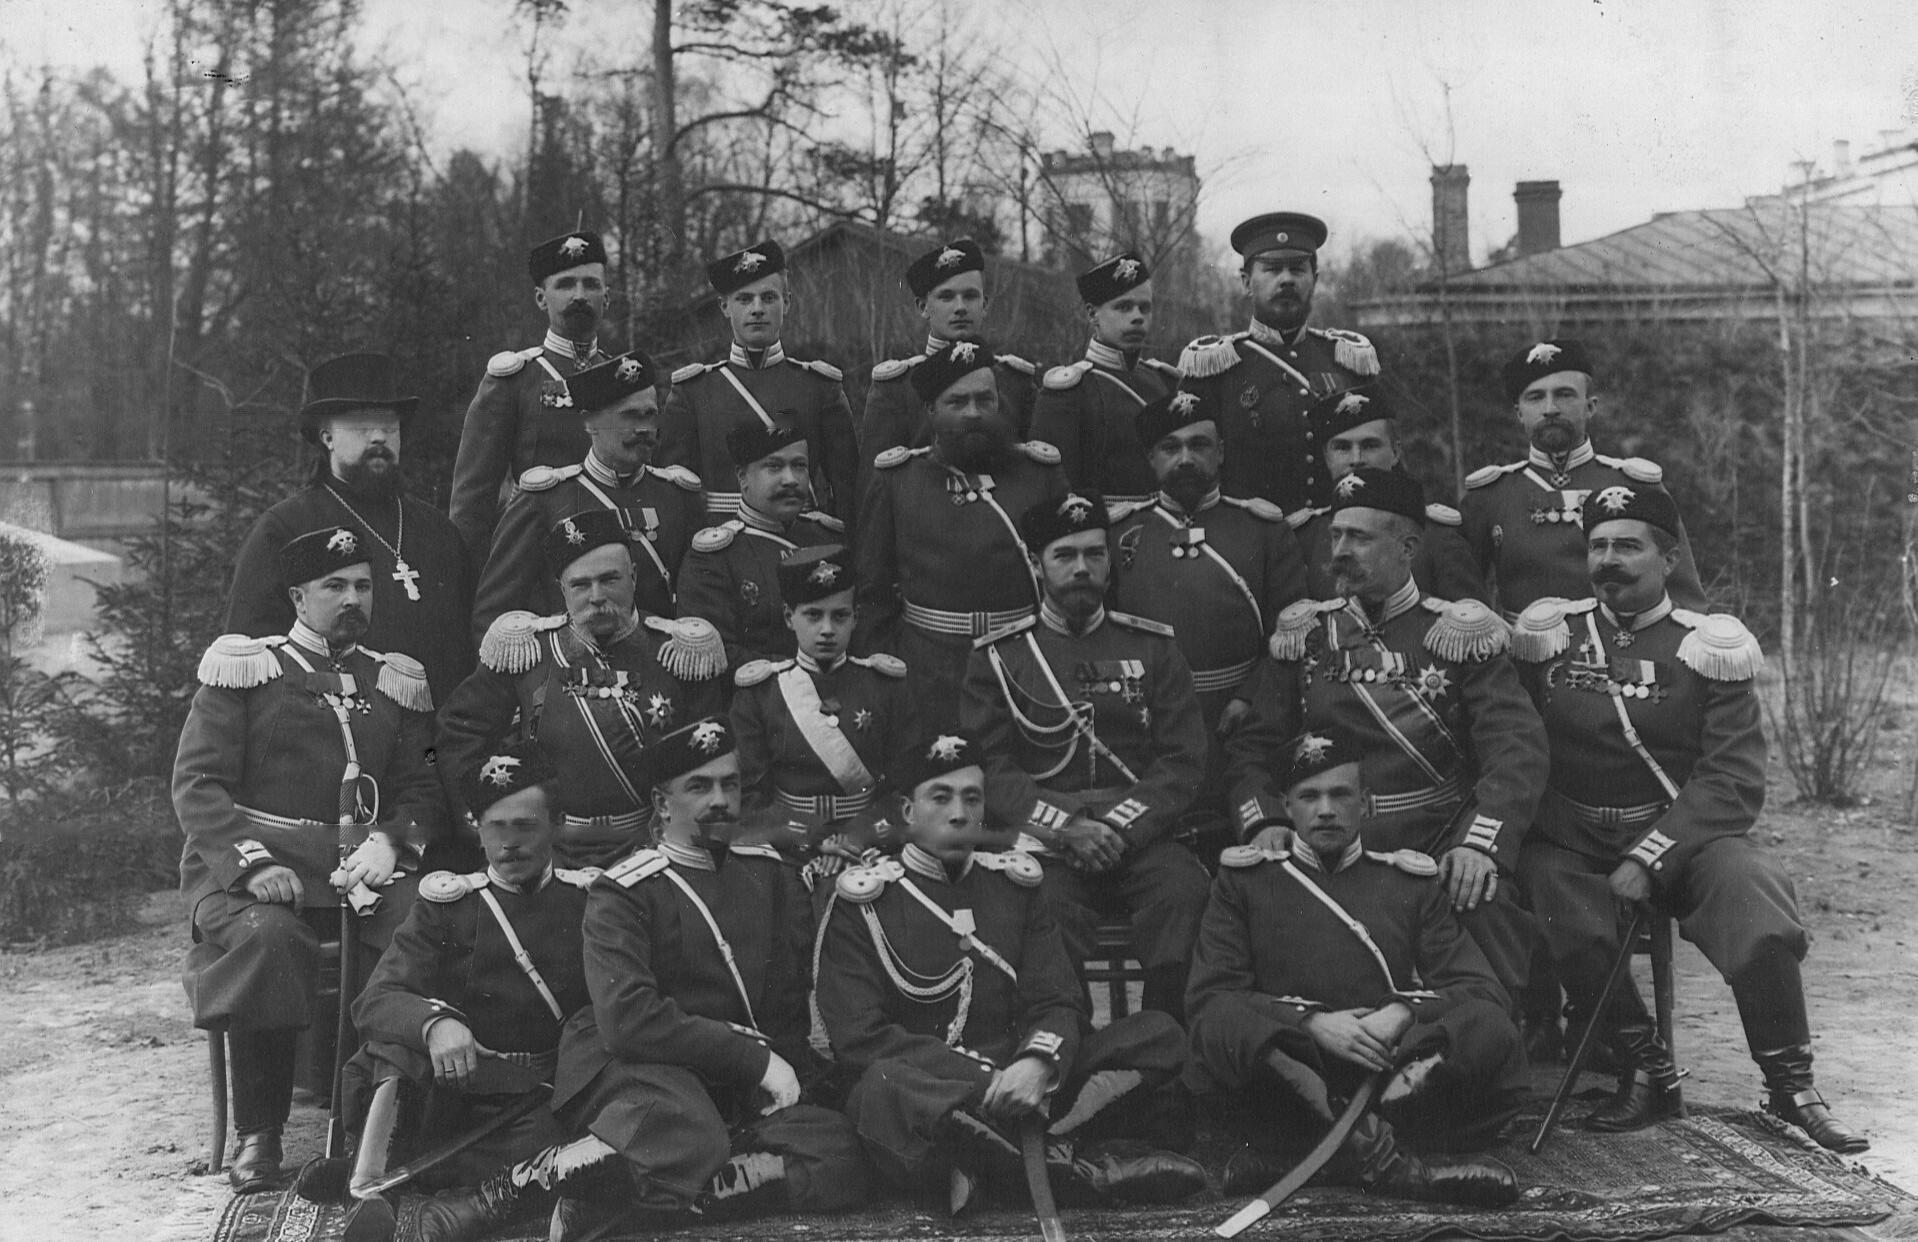 Император Николай II и  шеф 2-ого Царскосельского стрелкового батальона великий князь Дмитрий Павлович среди офицеров в расположении батальона около Орловских ворот.